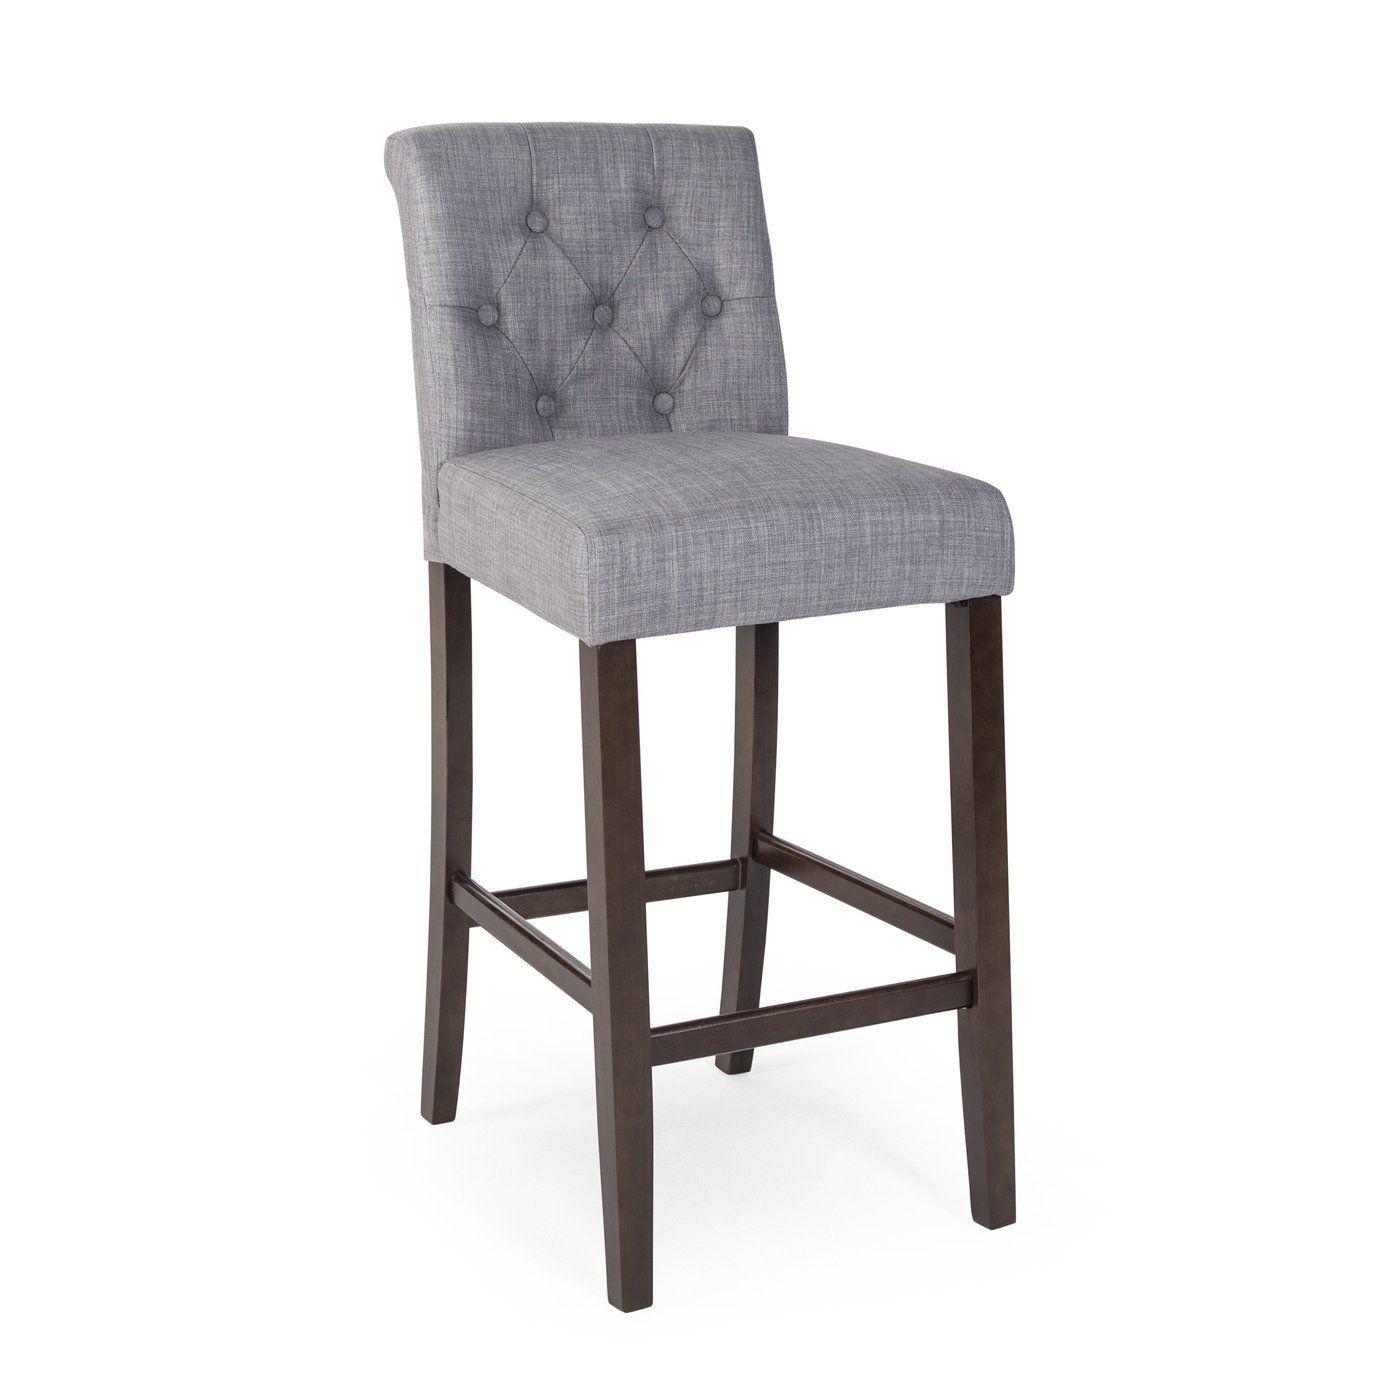 Jcp Barhockern   Stuhlede.com   Bar furniture, Home bar furniture ...